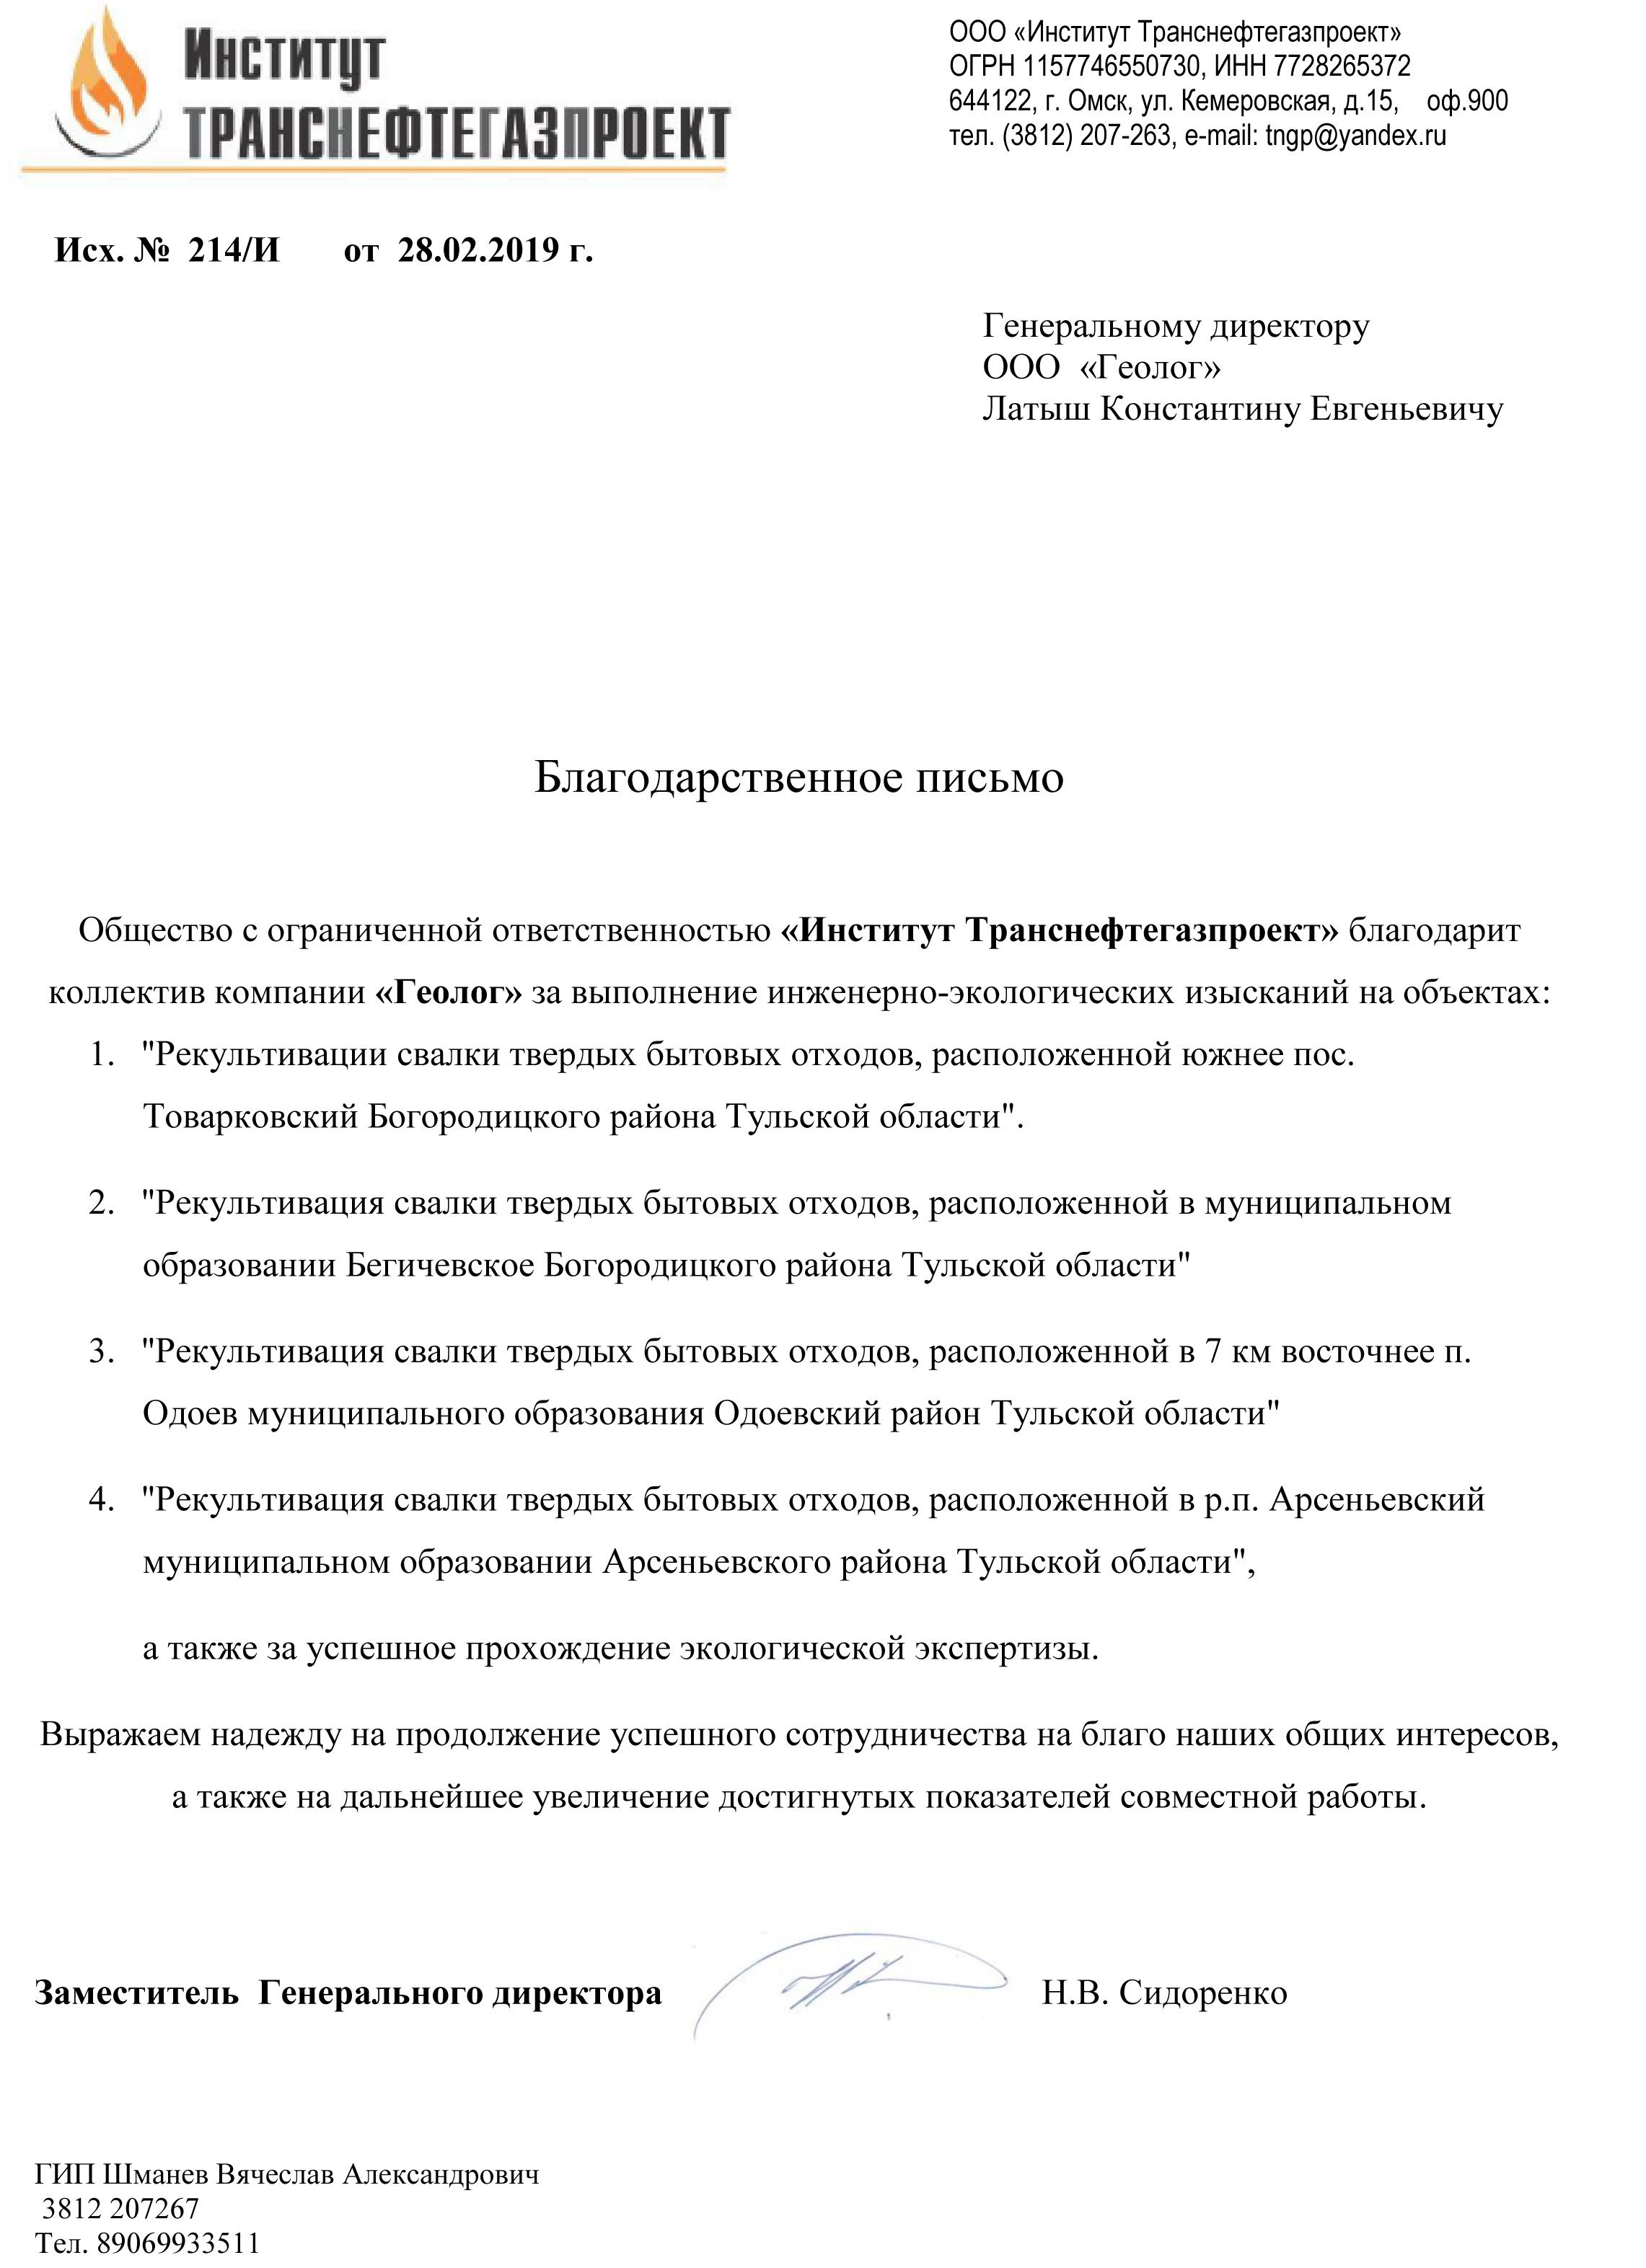 1551331648439_Письмо-ИТНГП-№214--от-28